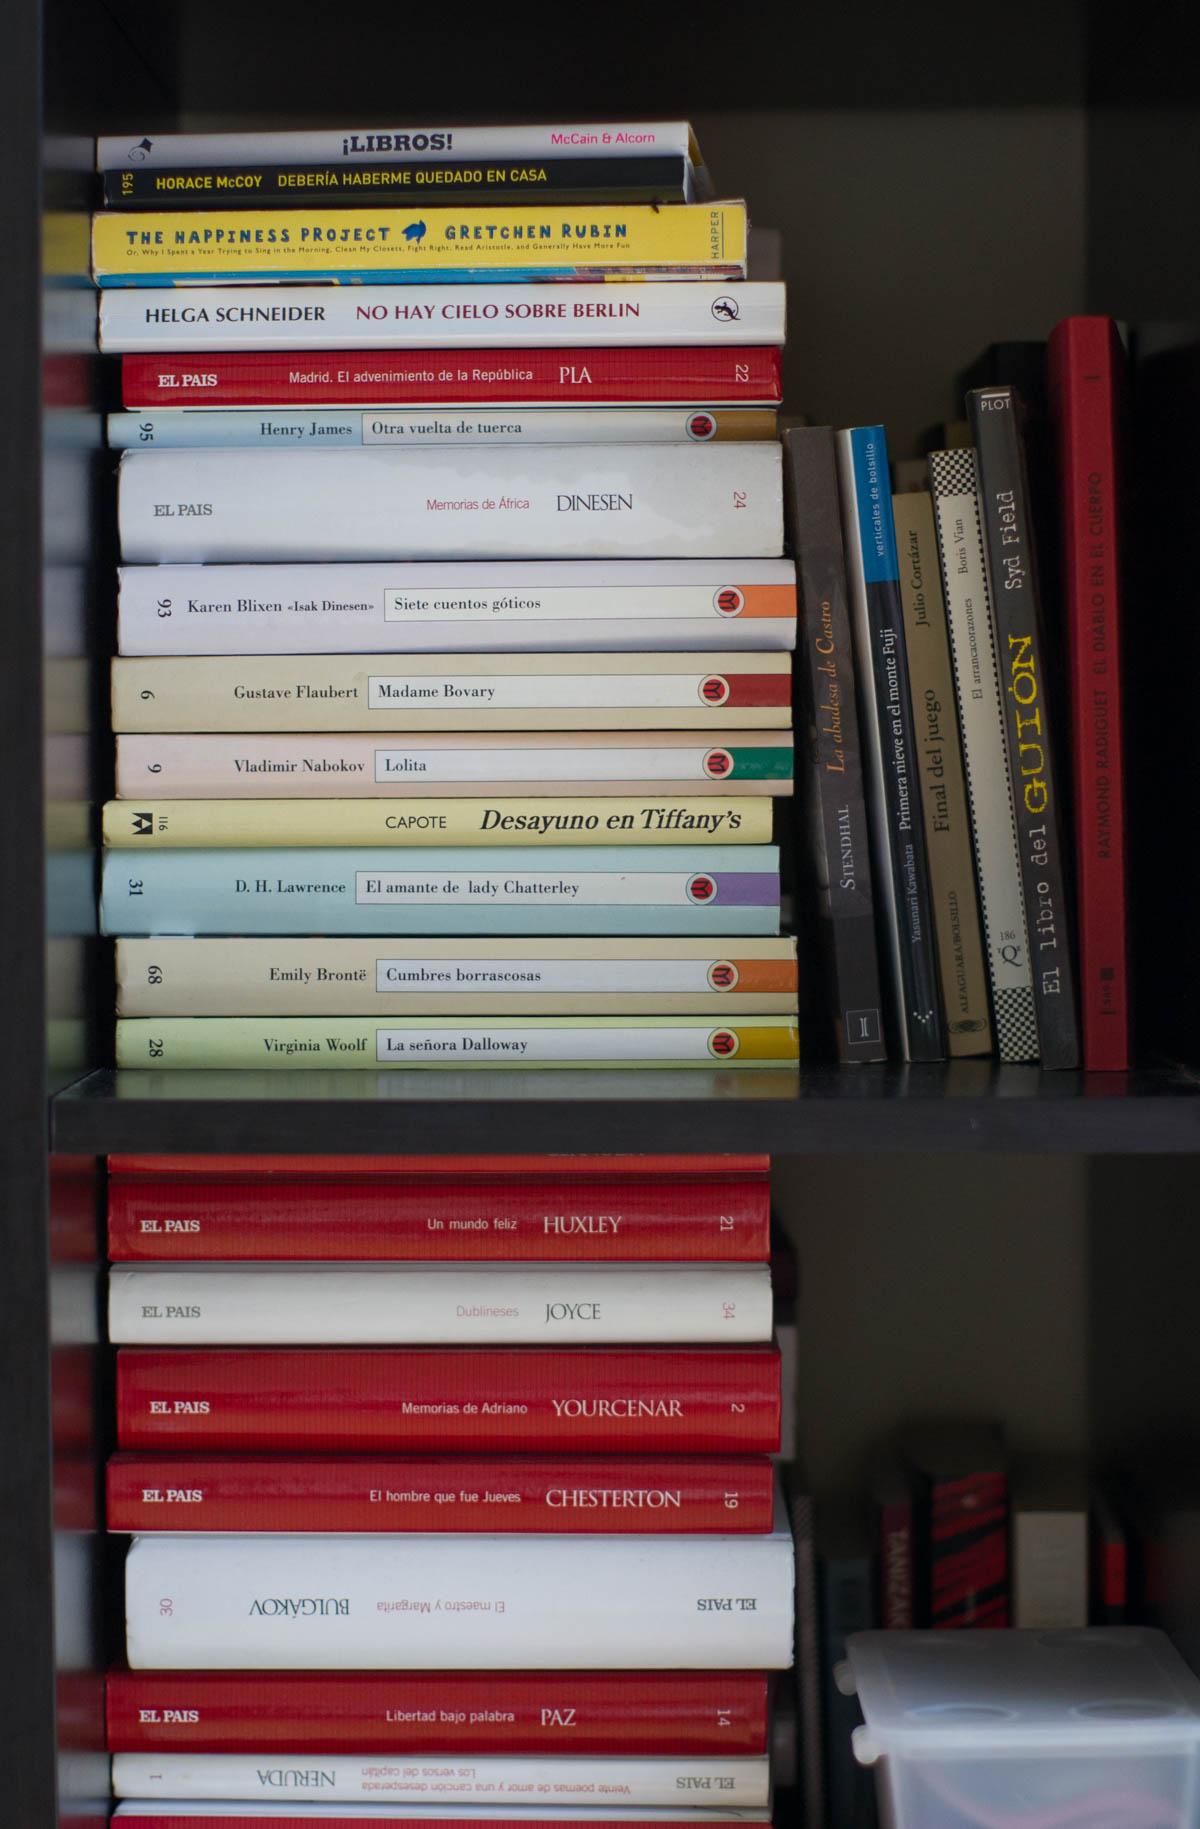 La magia del orden editorial minis - Libro orden japonesa ...